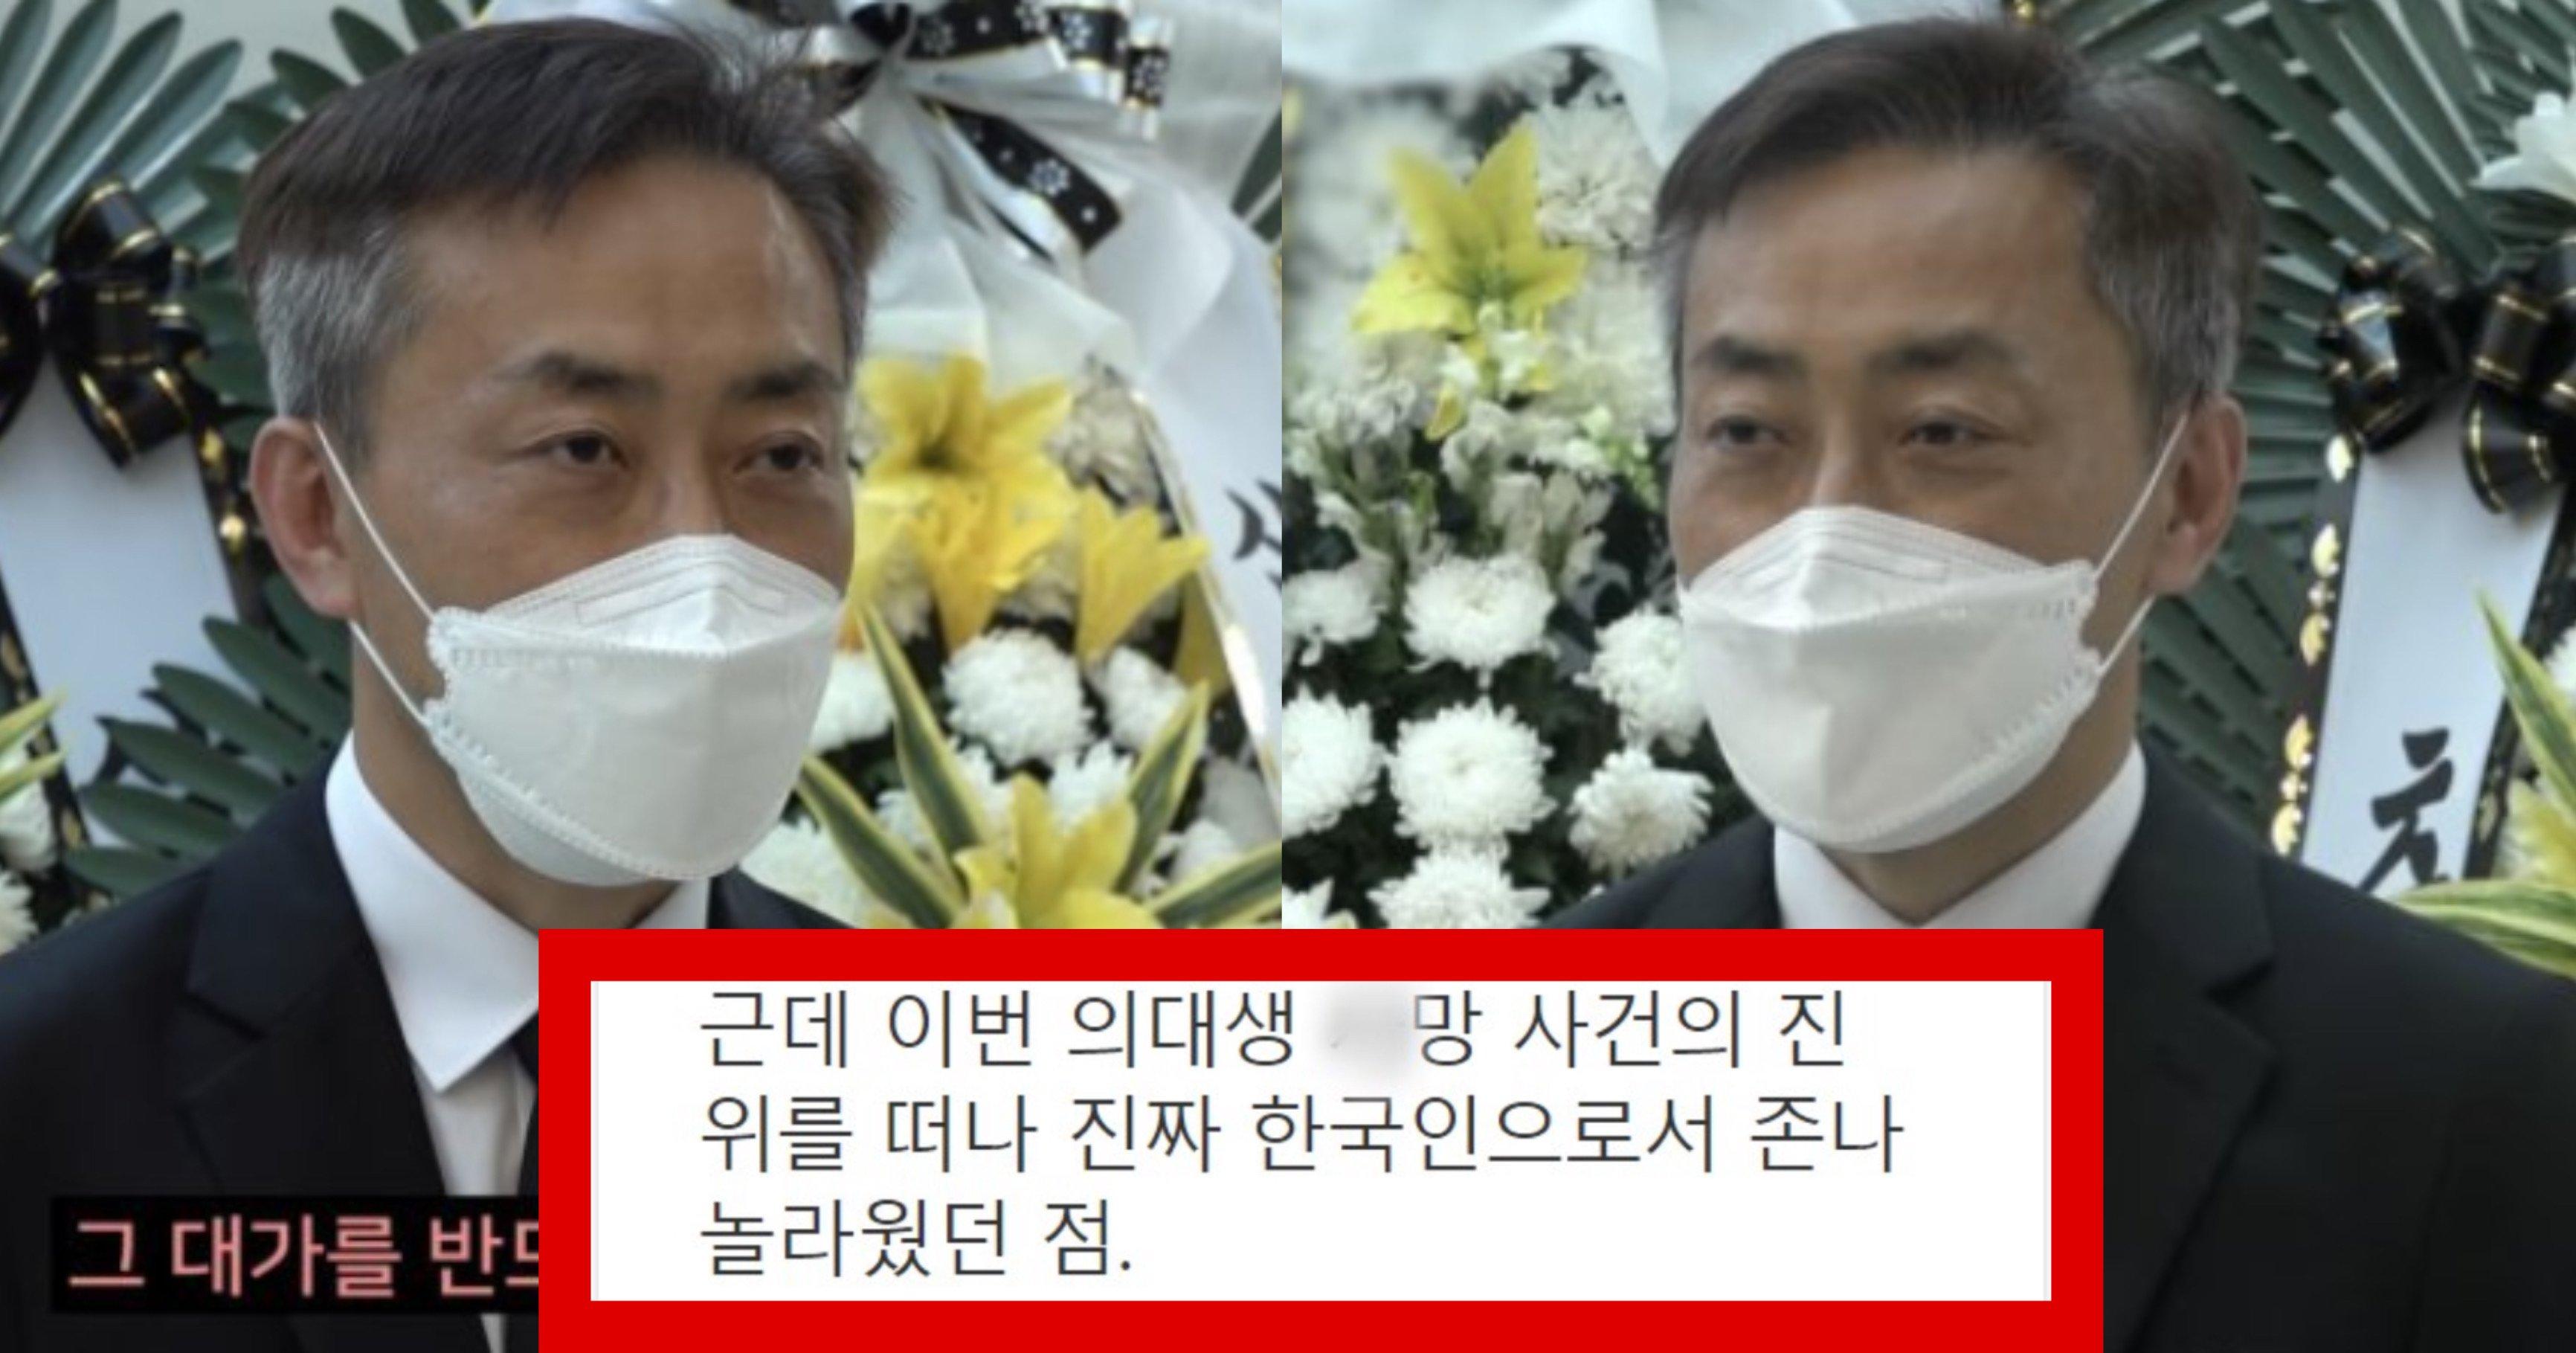 46d00bb9 5ba8 40ac bbcc 34c20e7c40f9.jpeg?resize=1200,630 - 이번 한강 의대생 사건 진위를 떠나 한국인으로써 매우 놀라웠던 점(+설명)